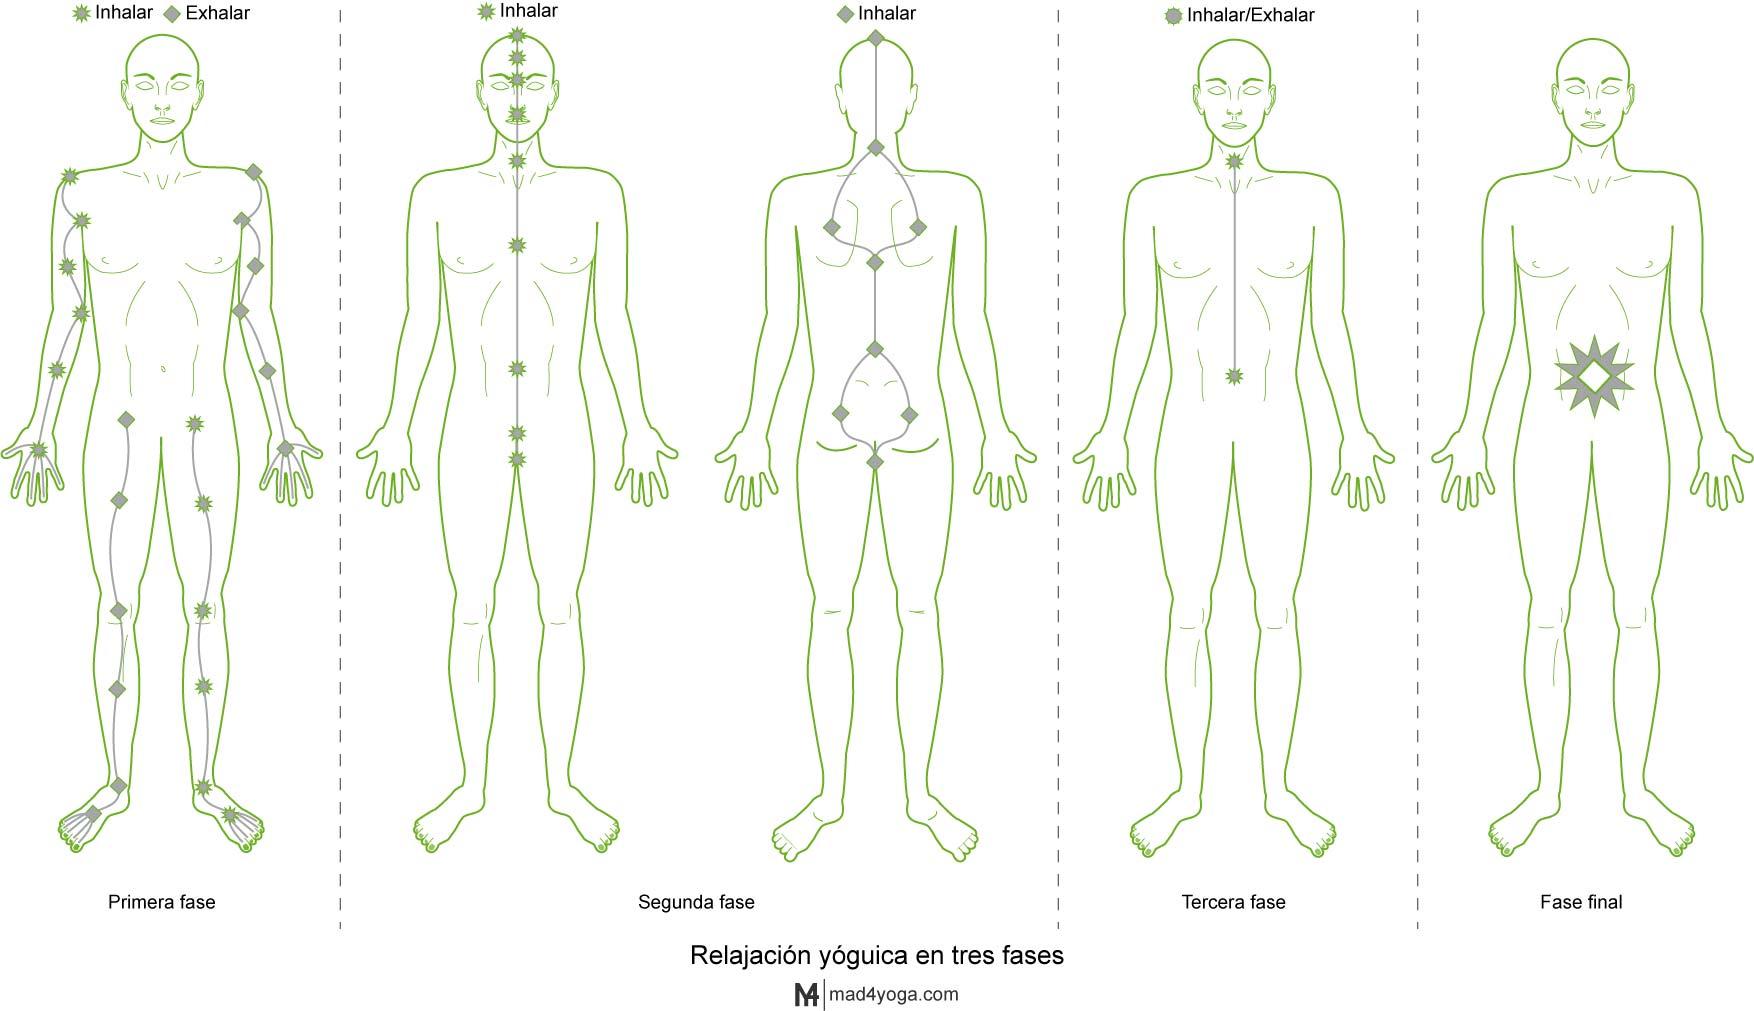 Relajación yóguica en tres fases